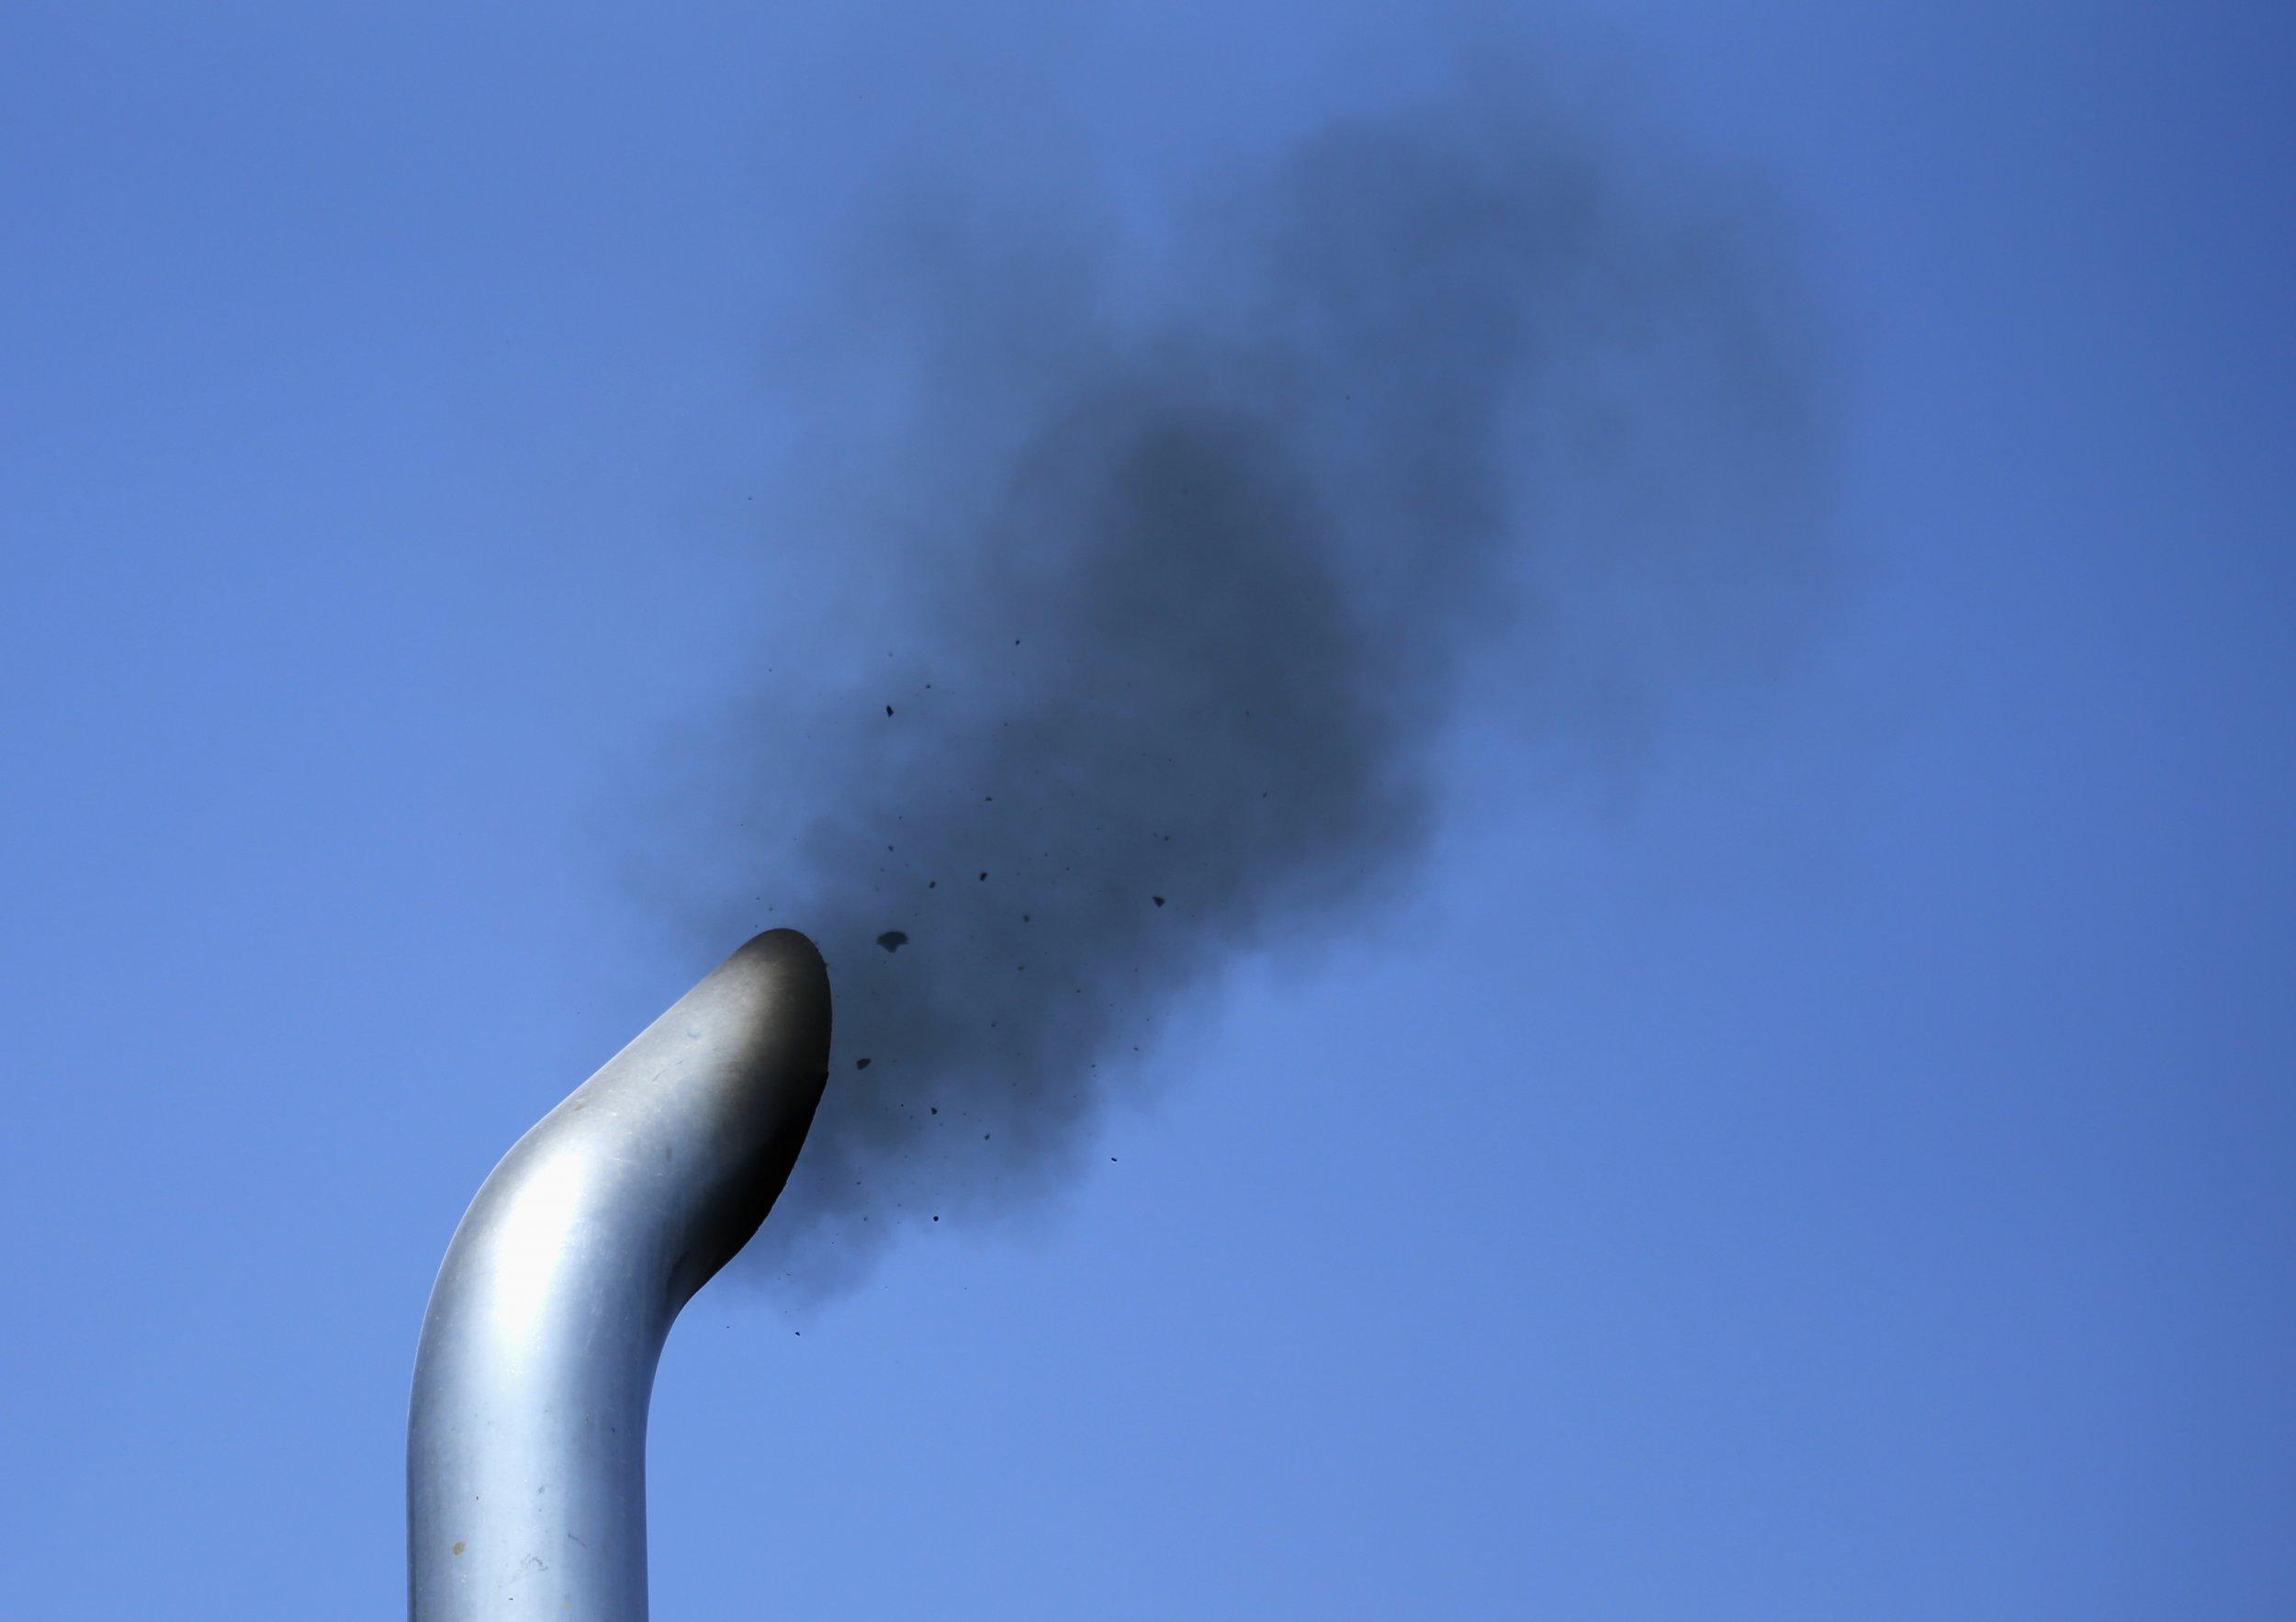 Truck exhaust pipe emits smoke